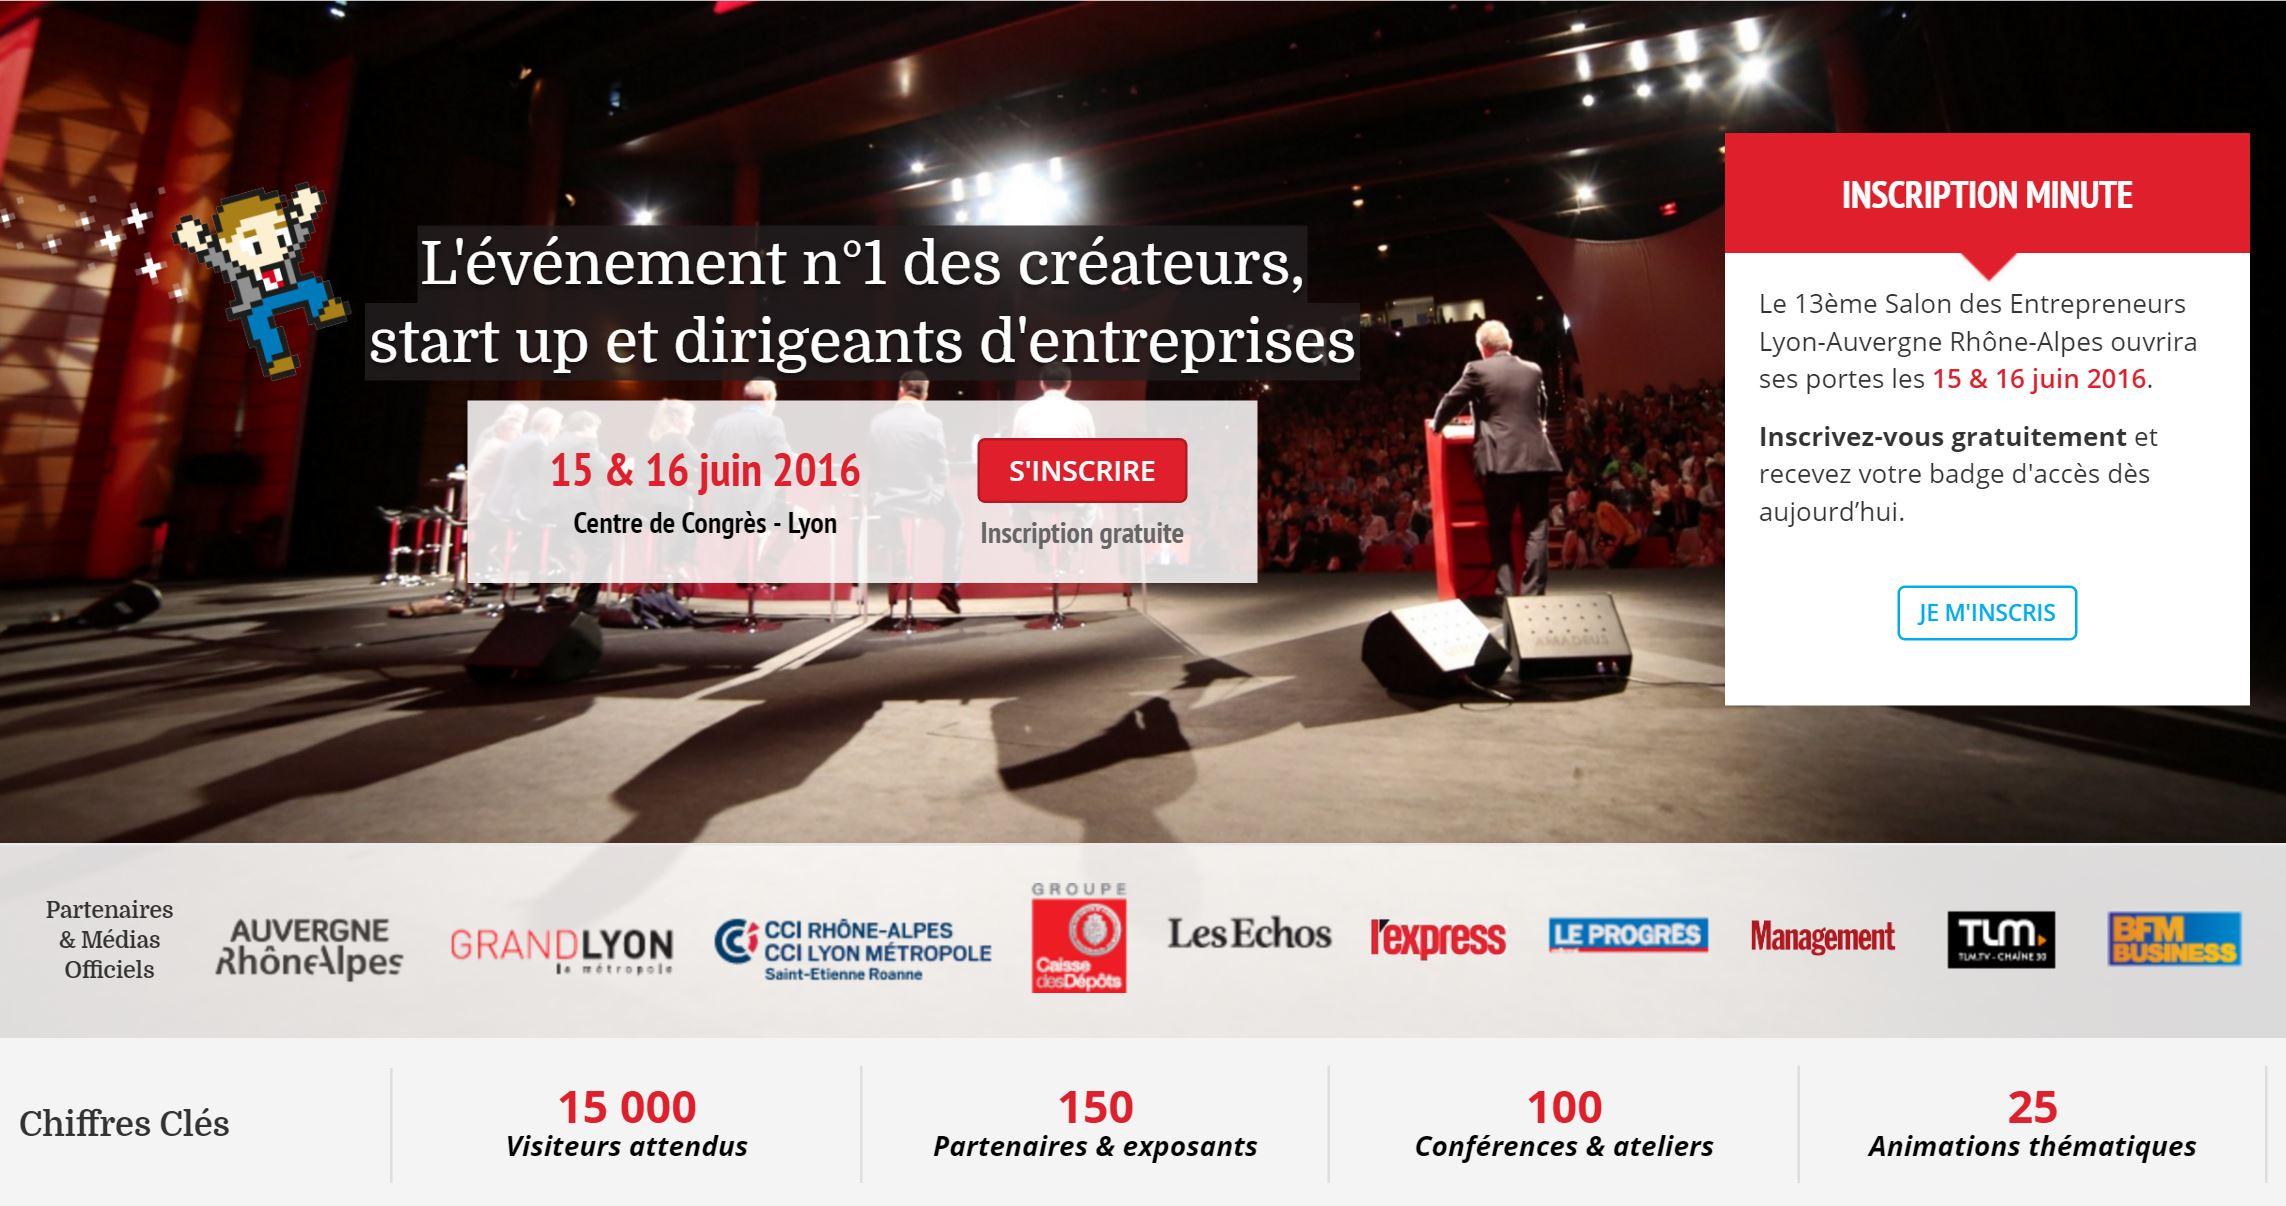 Conf rences du salon des entrepreneurs de lyon 2016 - Salon des franchises lyon ...